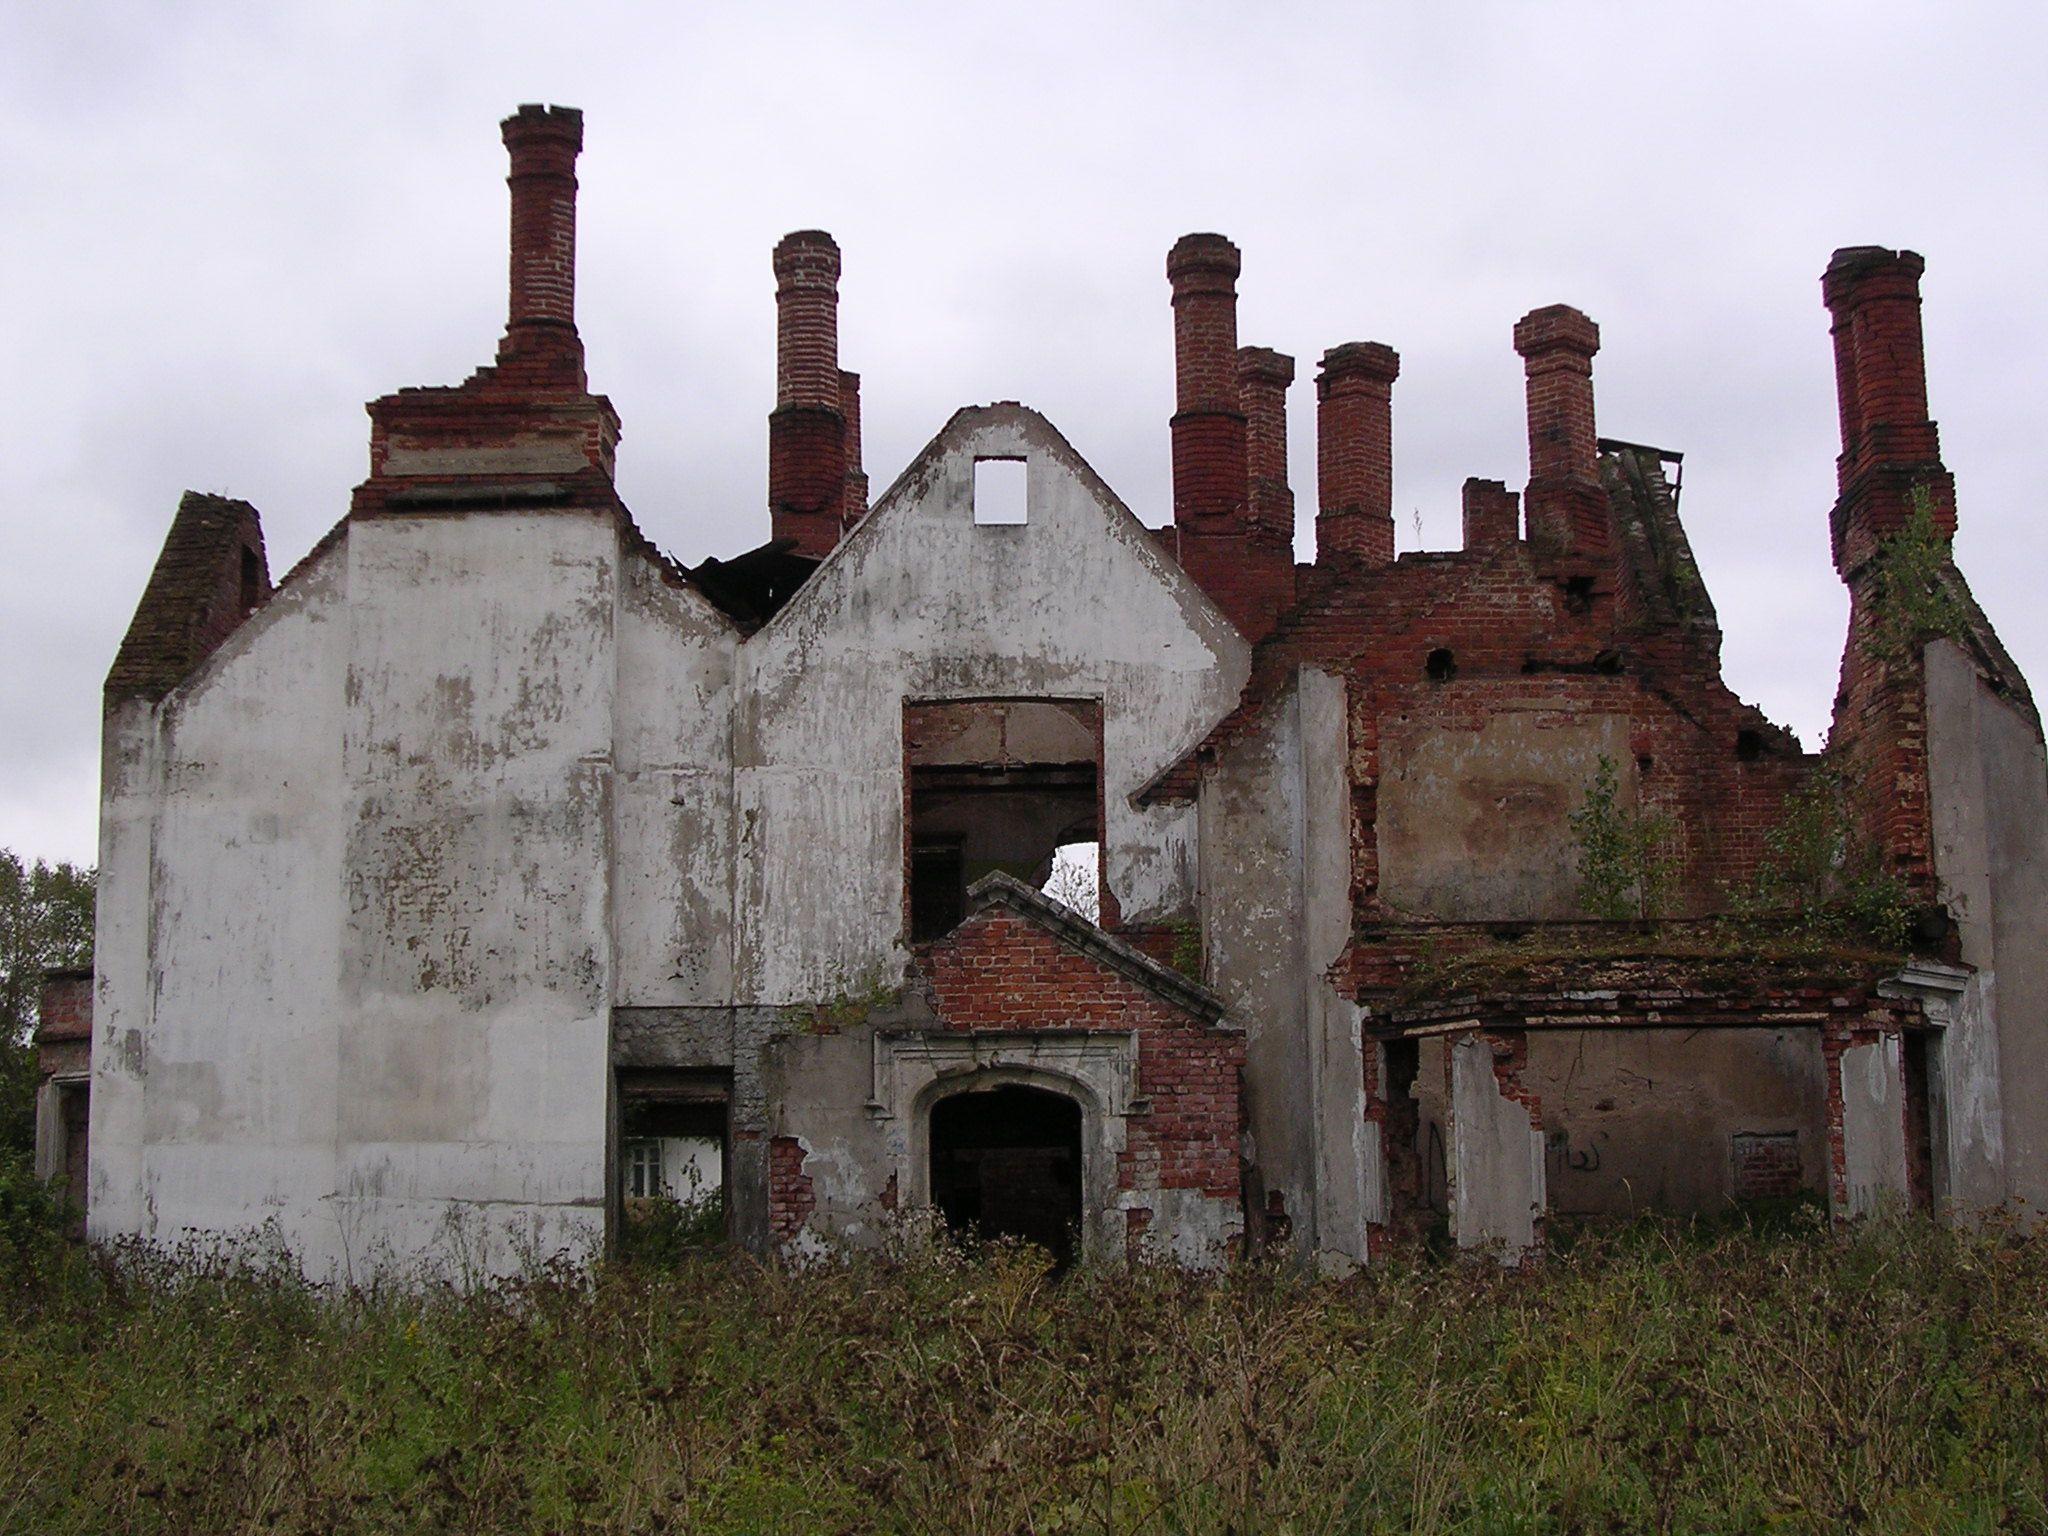 Усадьба в Крекшине: памятник архитектуры или руины